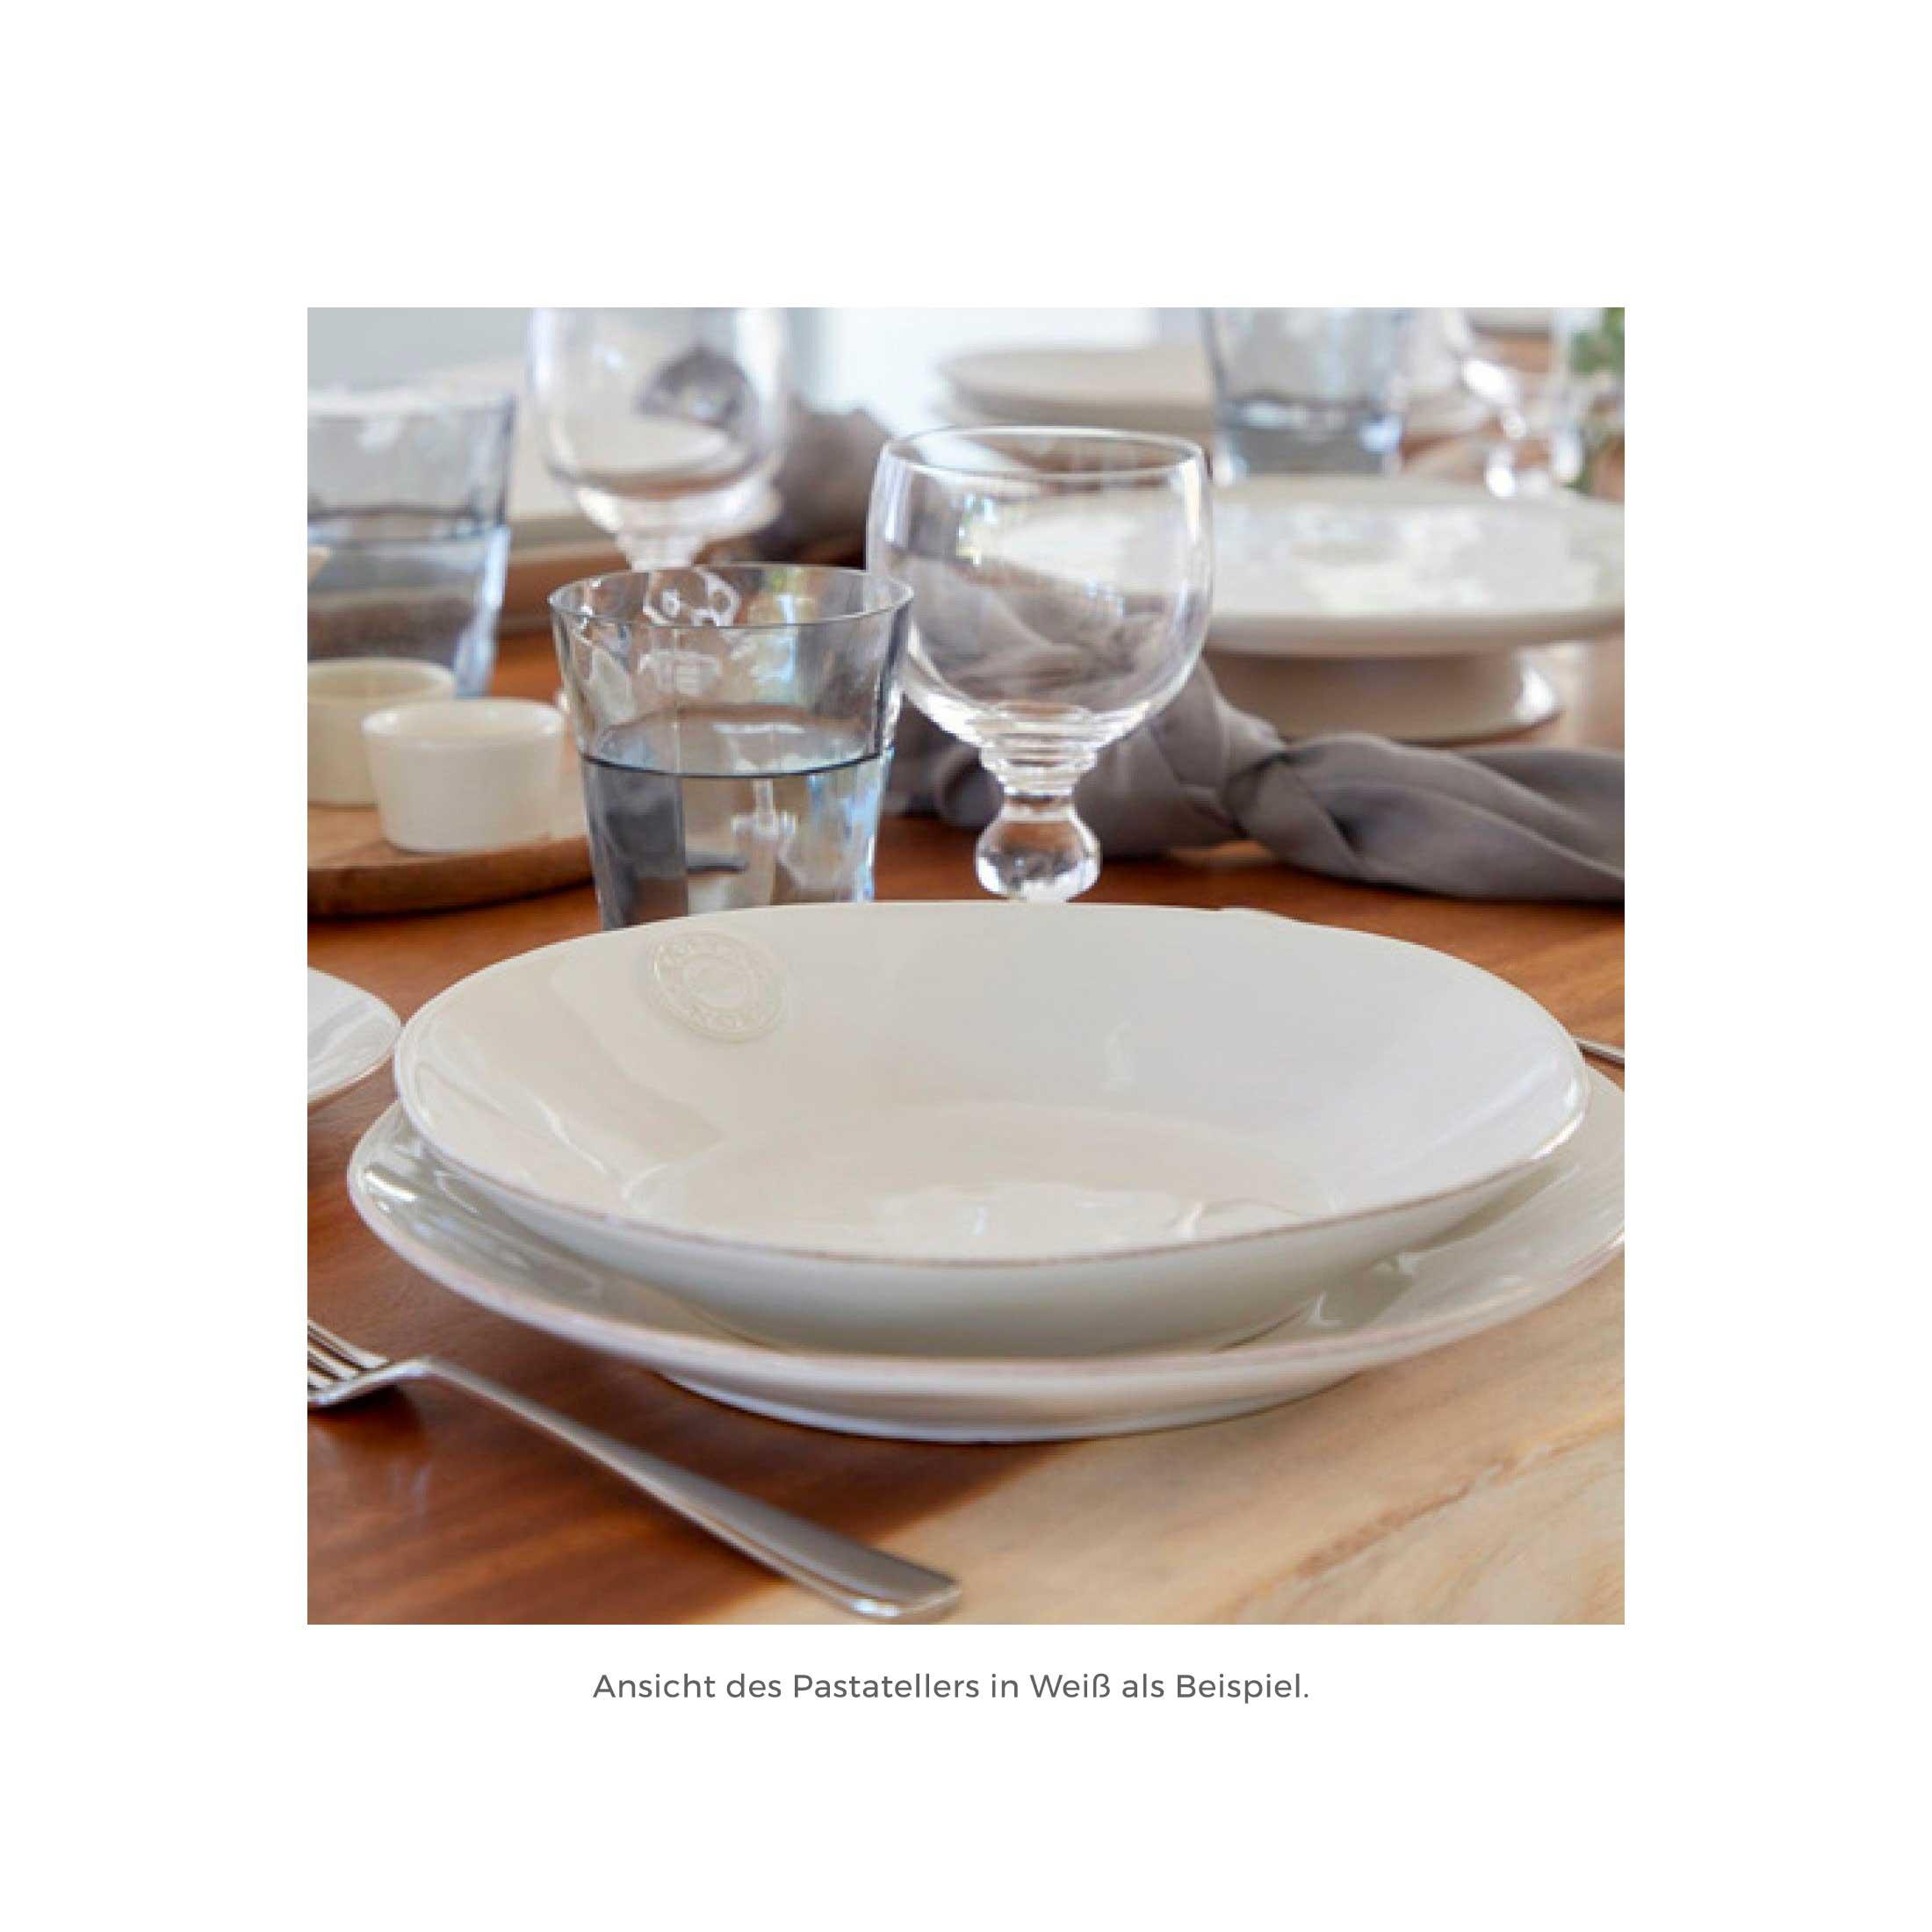 Suppenteller aus Steinzeug im mediterranen Look direkt aus Portugal! Entdecke das robuste und pflegeleichte Geschirr von Costa Nova